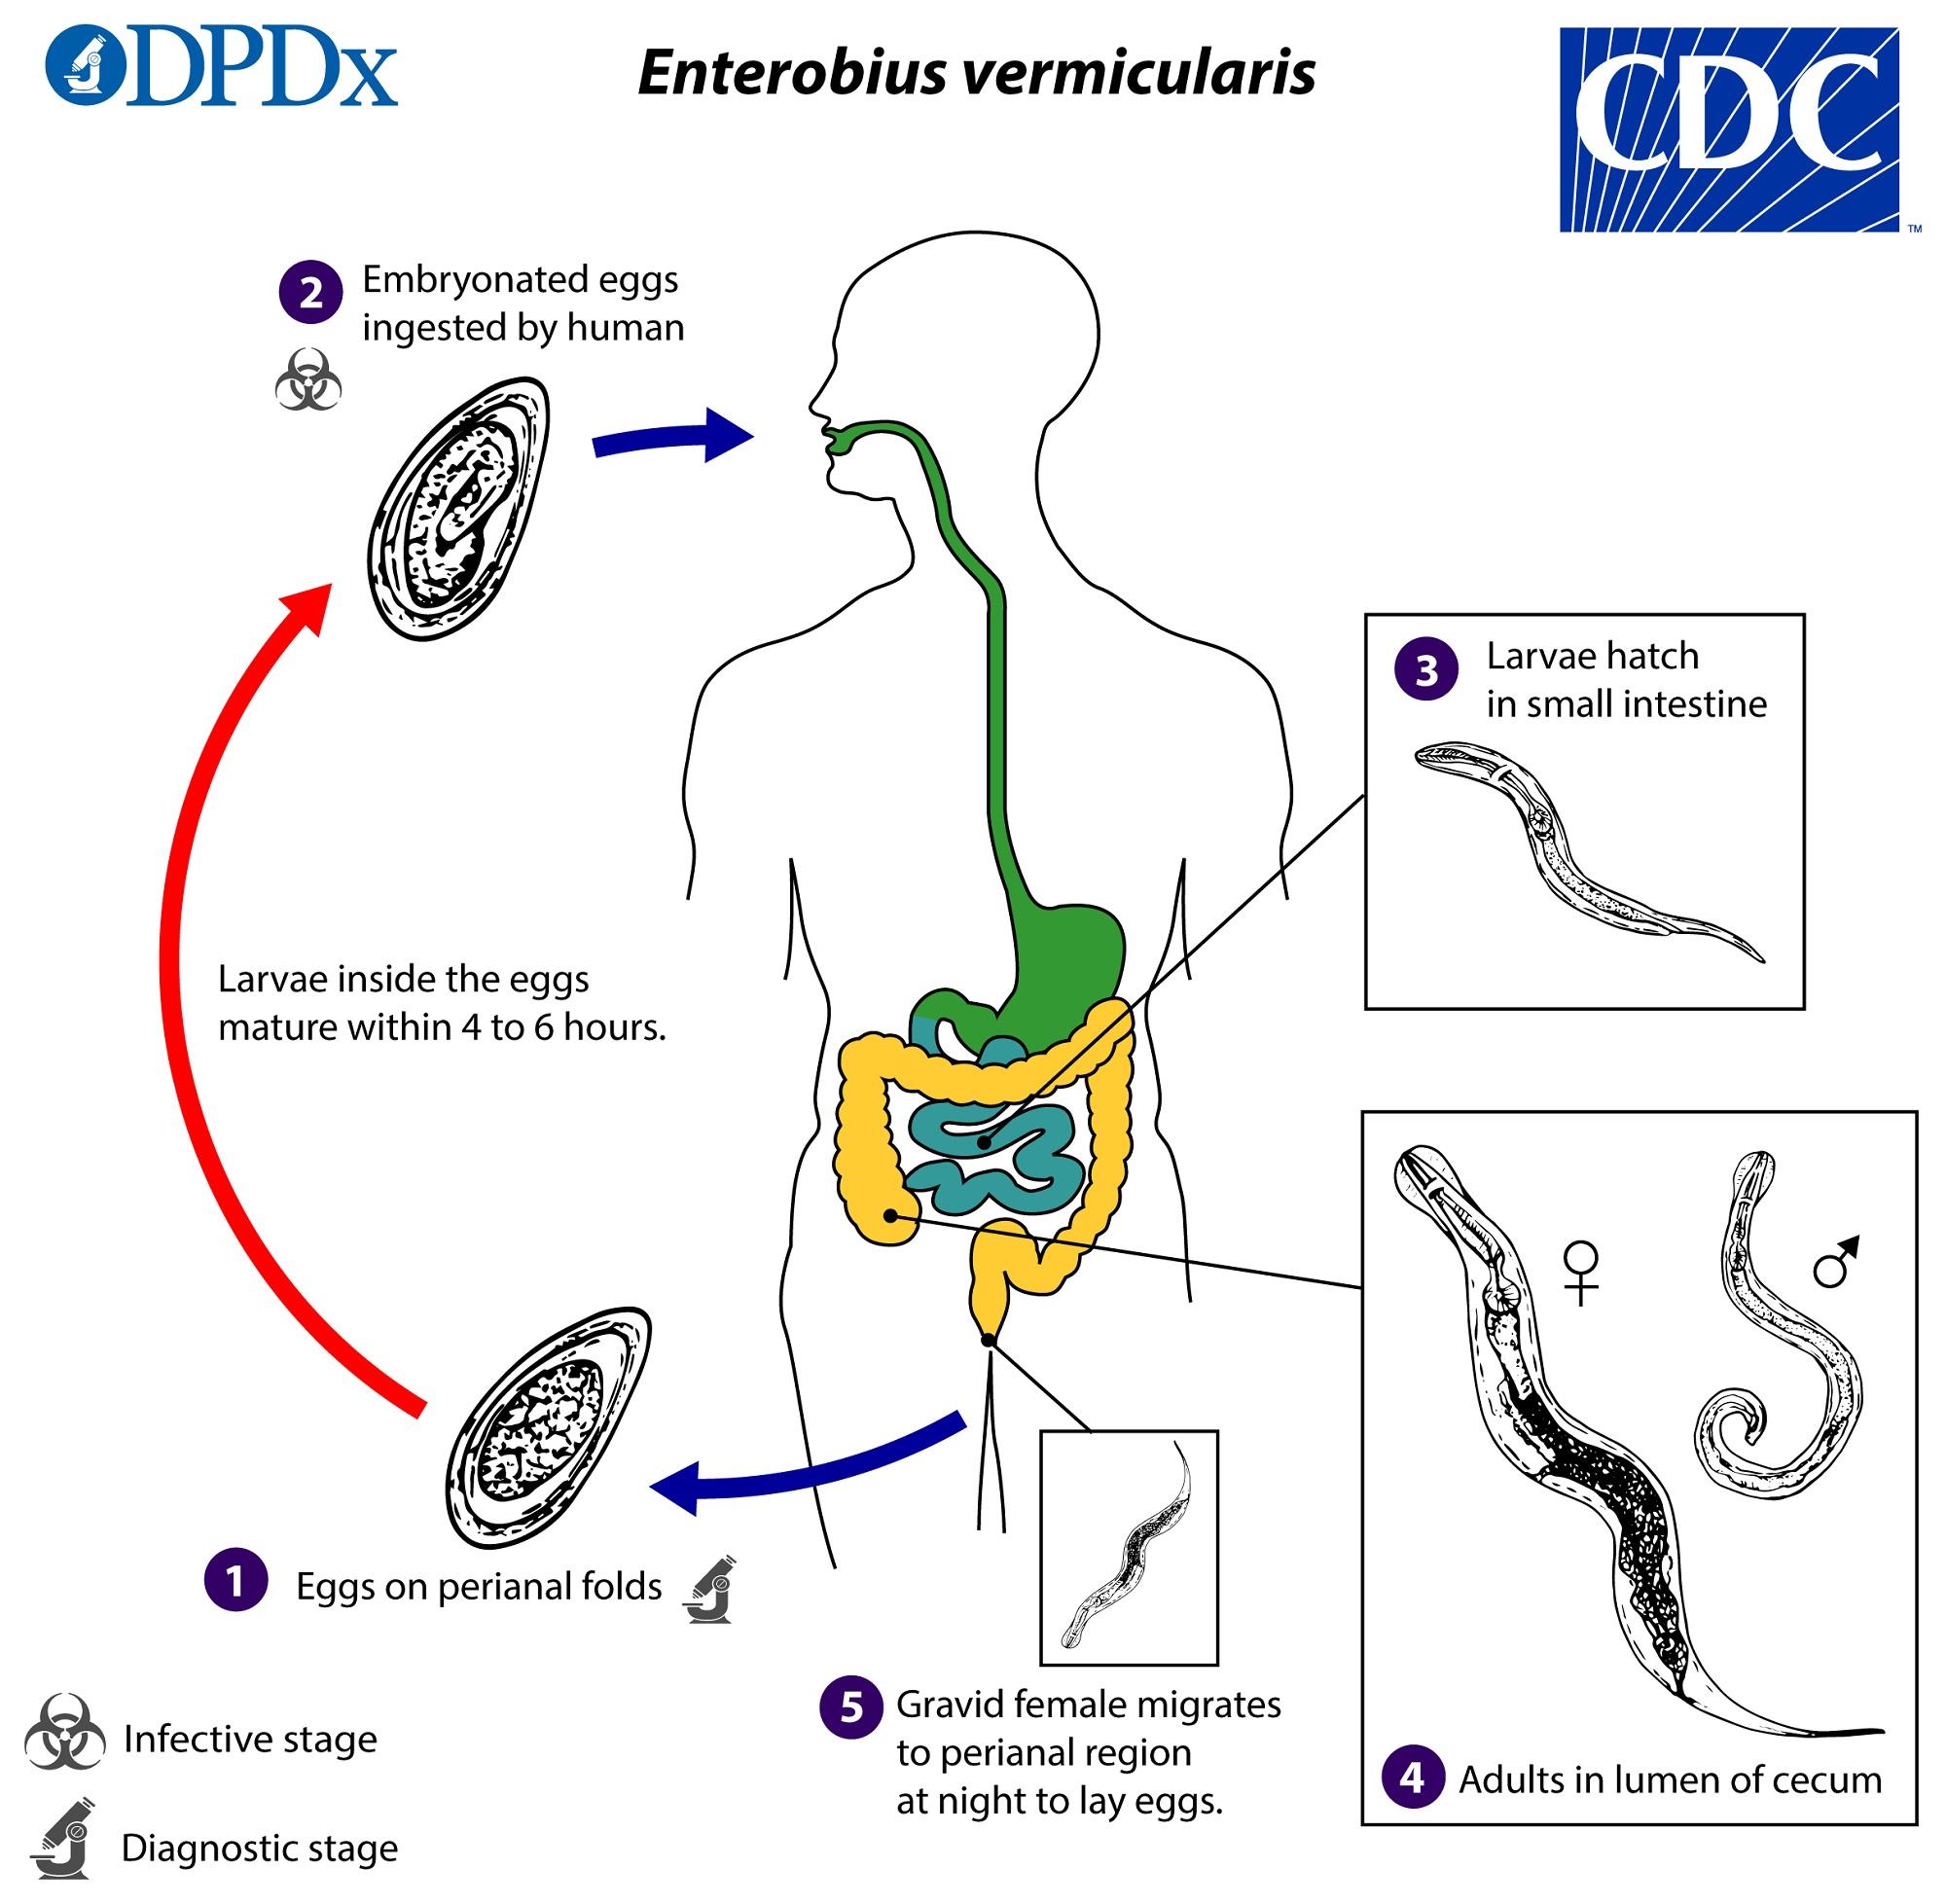 enterobius vermicularis causes what disease